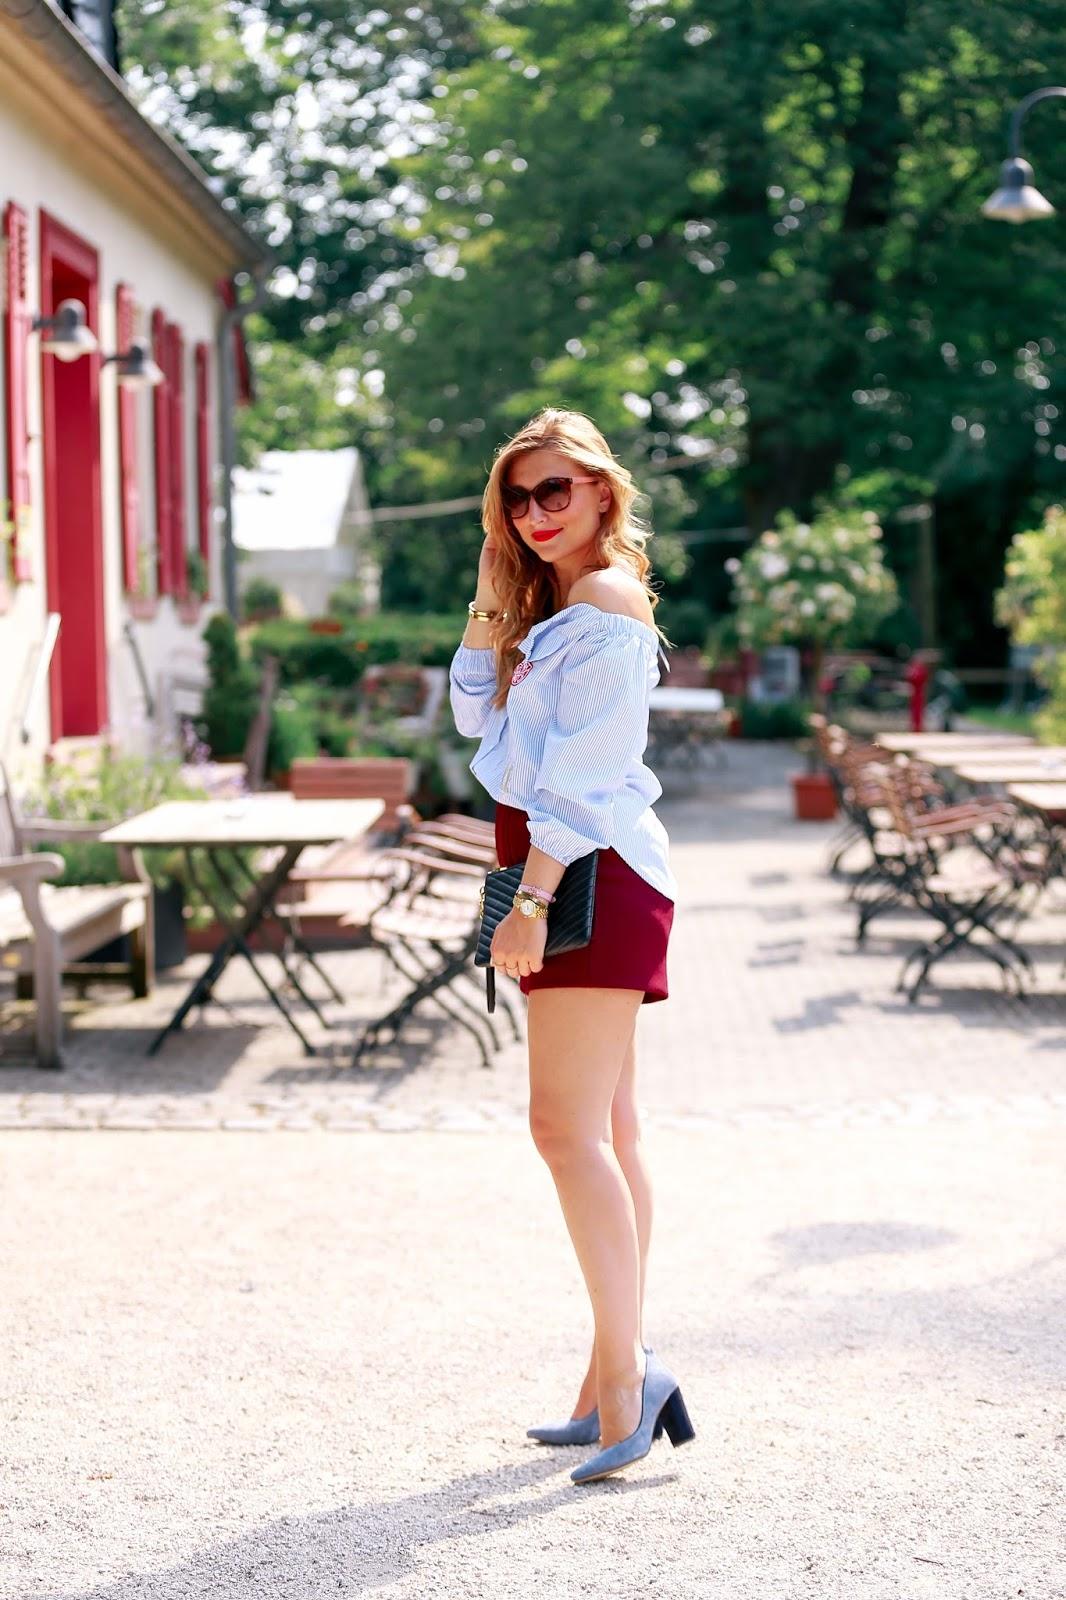 fashionstylebyjohanna-beautyblog-frankfurt-fashionblog-frankfurt-beautyblogger-deutschland-fashionblogger-bloggerdeutschland-lifestyleblog